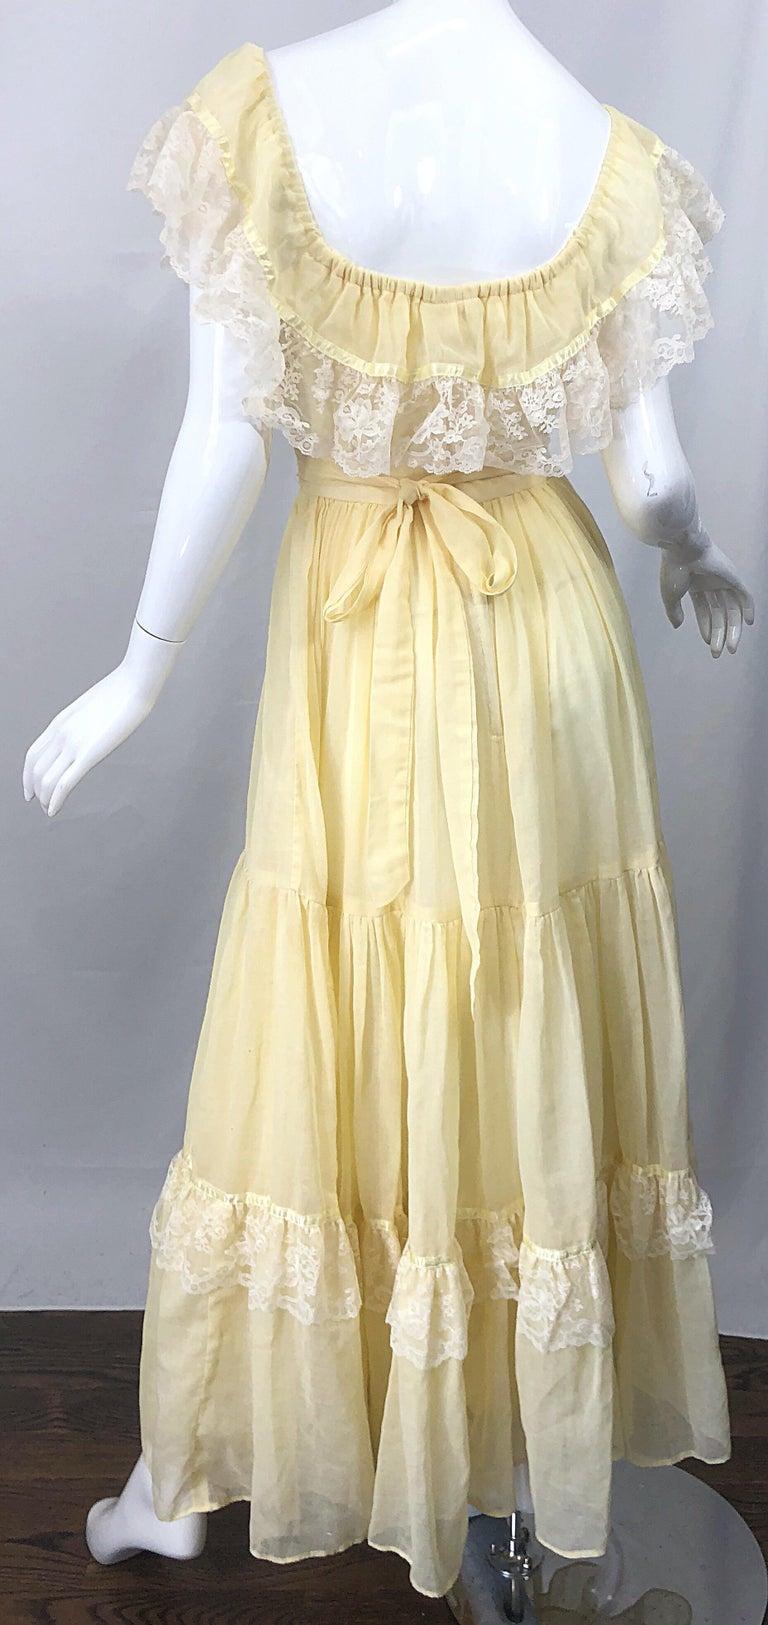 1970s Pale Light Yellow Cotton Voile + Lace Vintage Boho 70s Maxi Dress For Sale 6